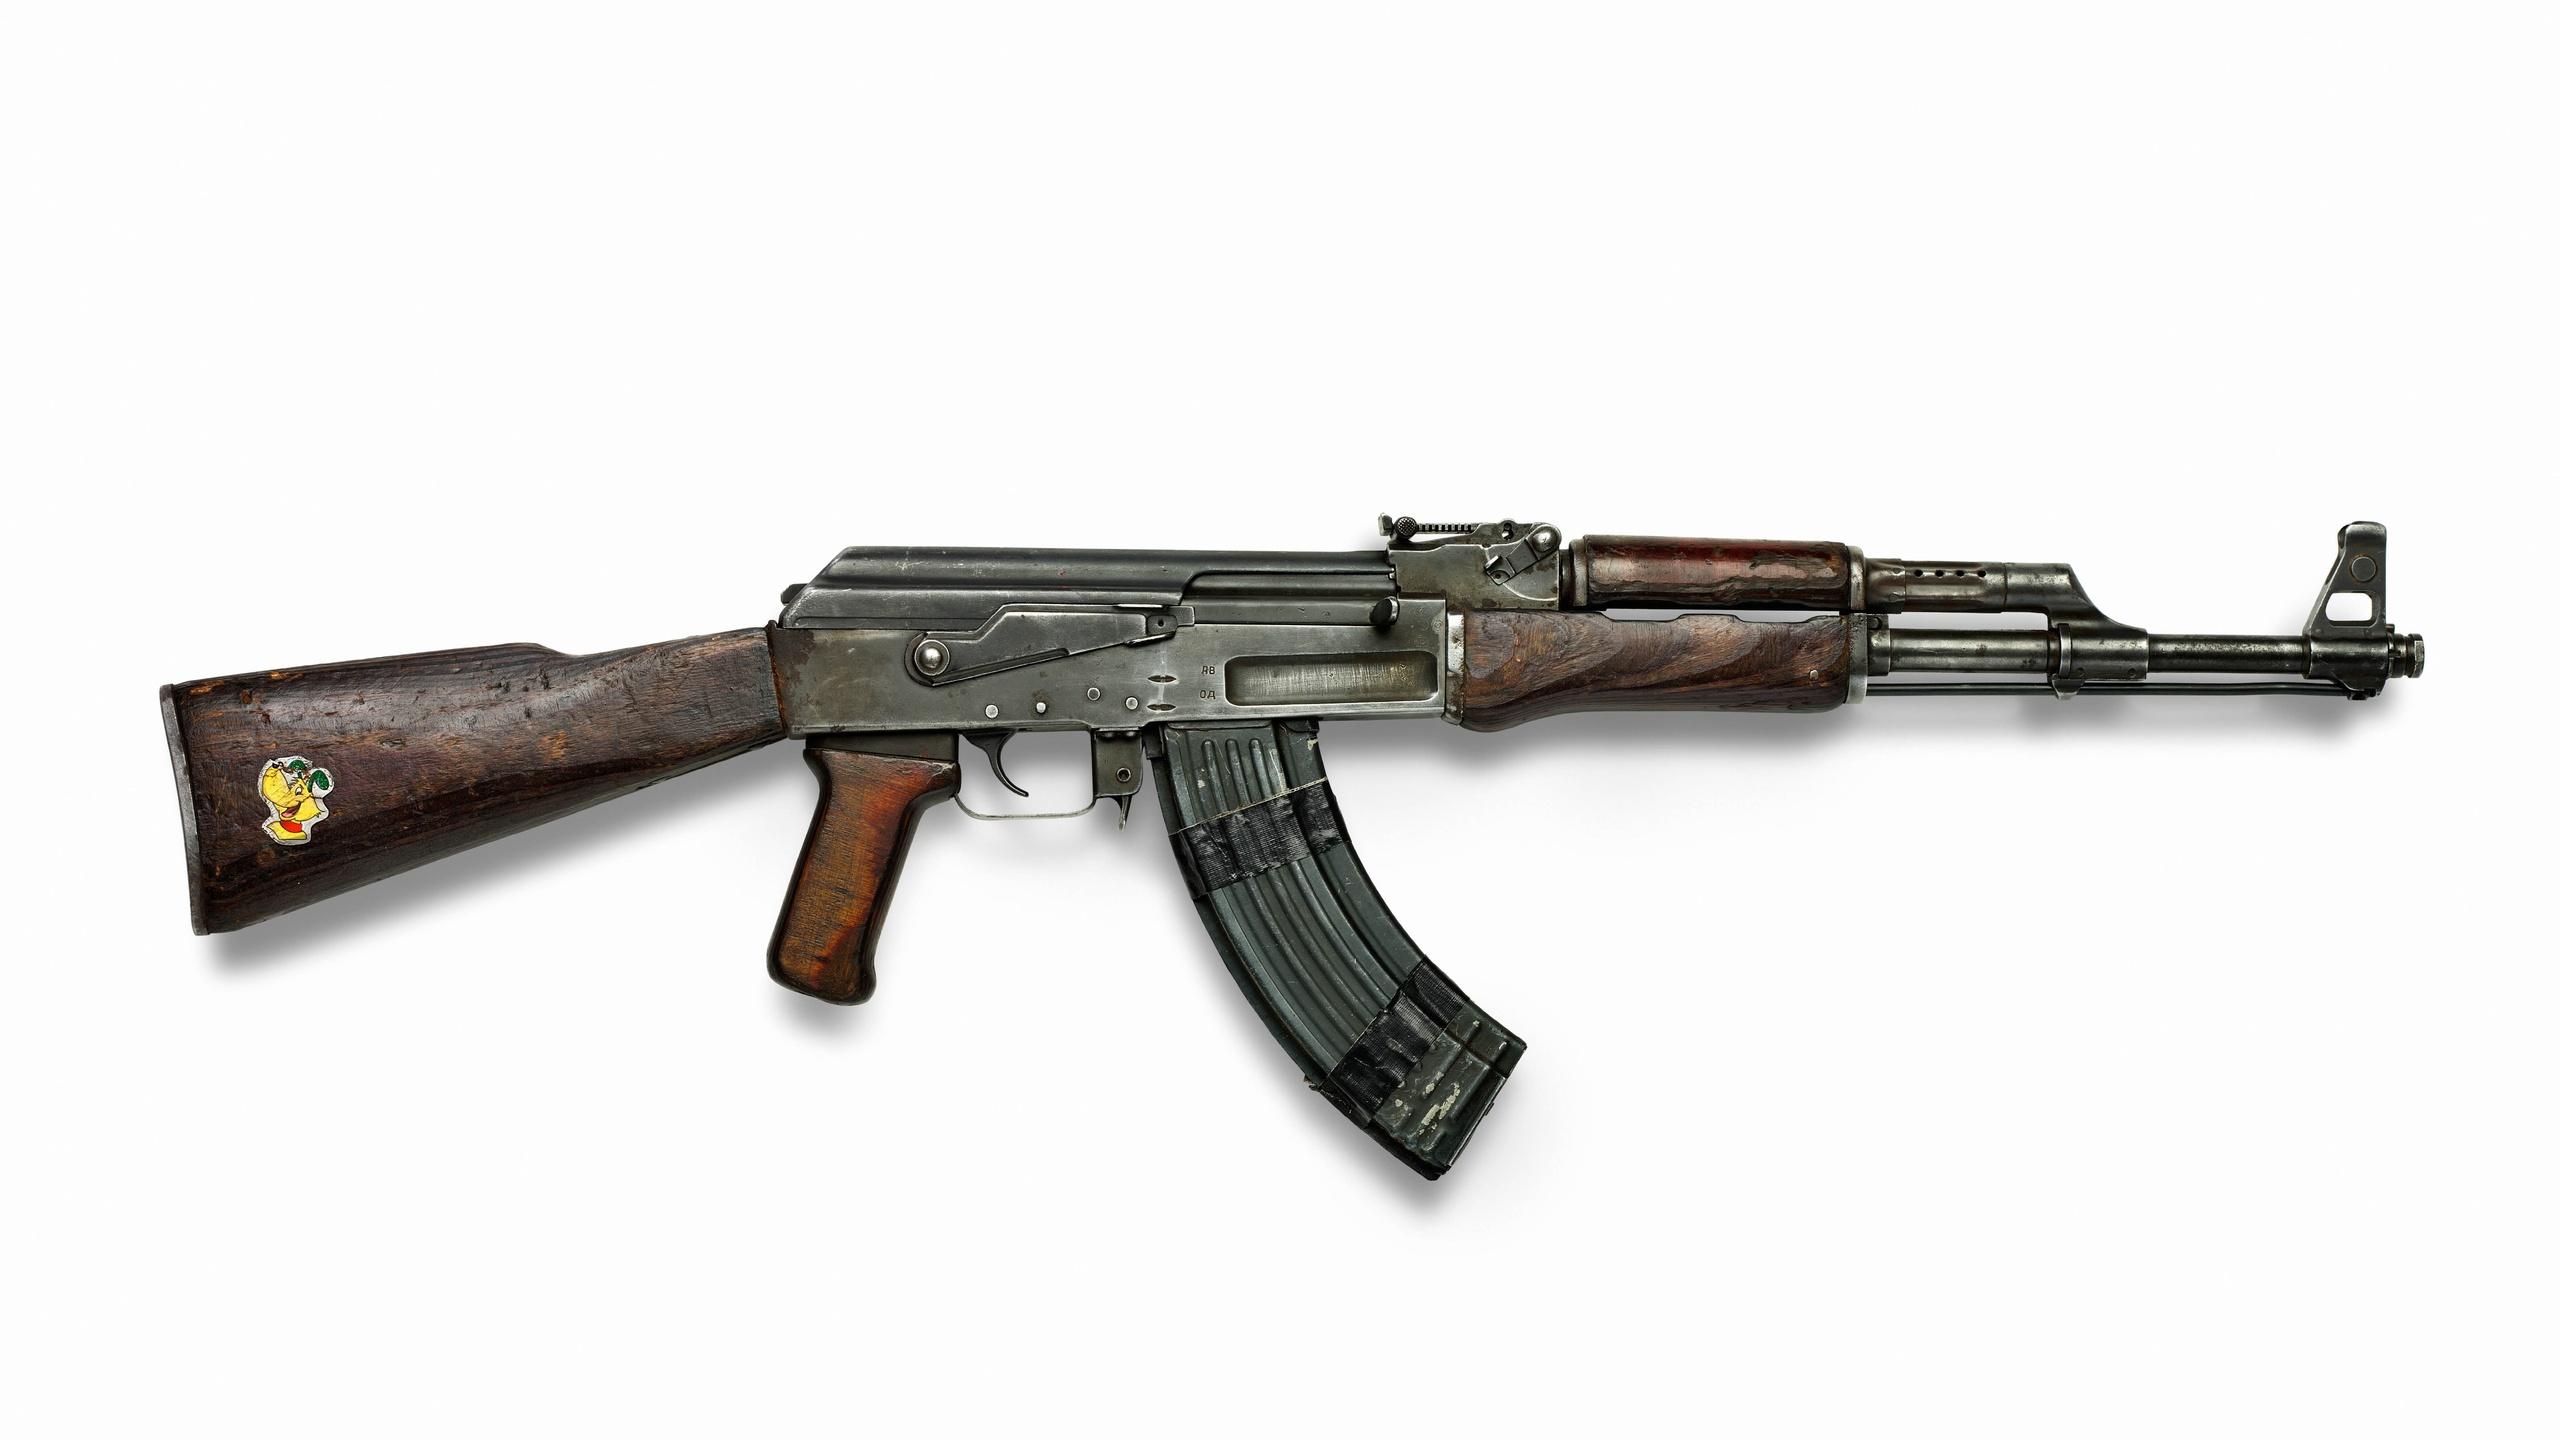 Kalashnikov armas AK 47 la URSS la culata de madera oxidado viejo 2560x1440